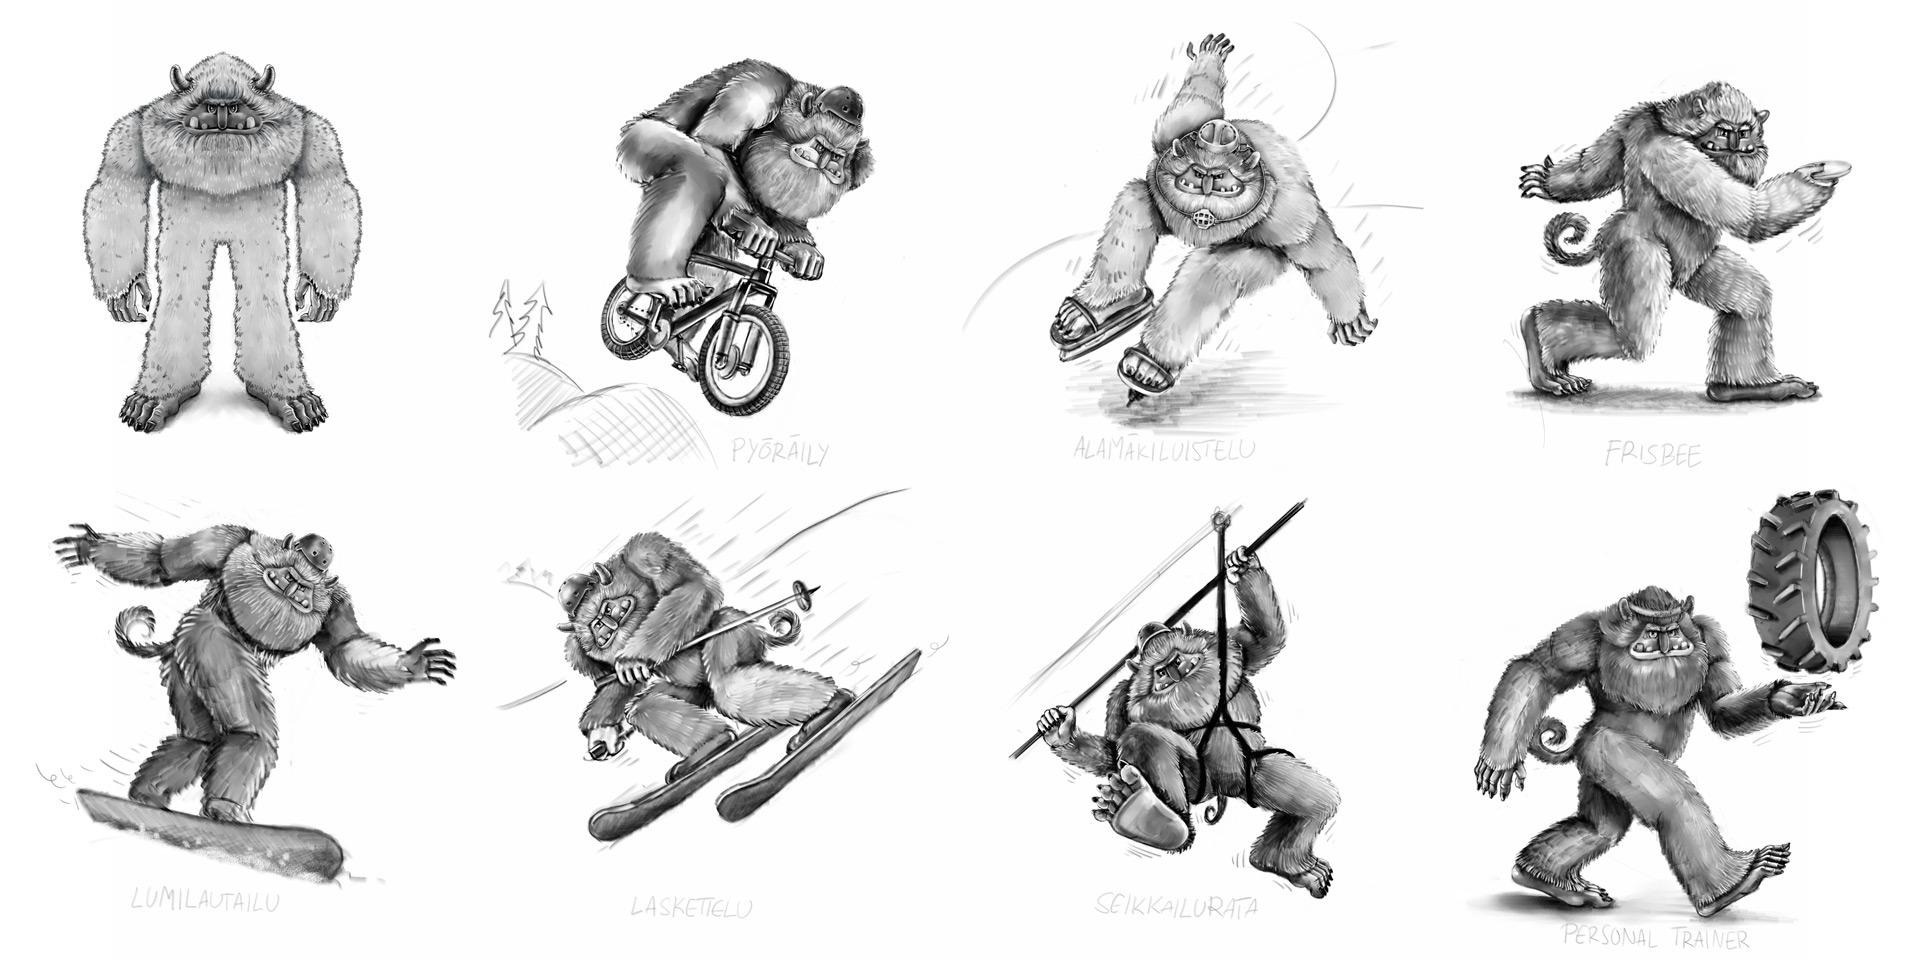 Hahmo seikkailee Laajiksen eri aktiviteeteissa. Luonnokset toteuttiin digitaalisena, työkaluina Corel Painter ja Wacom Cintiq.